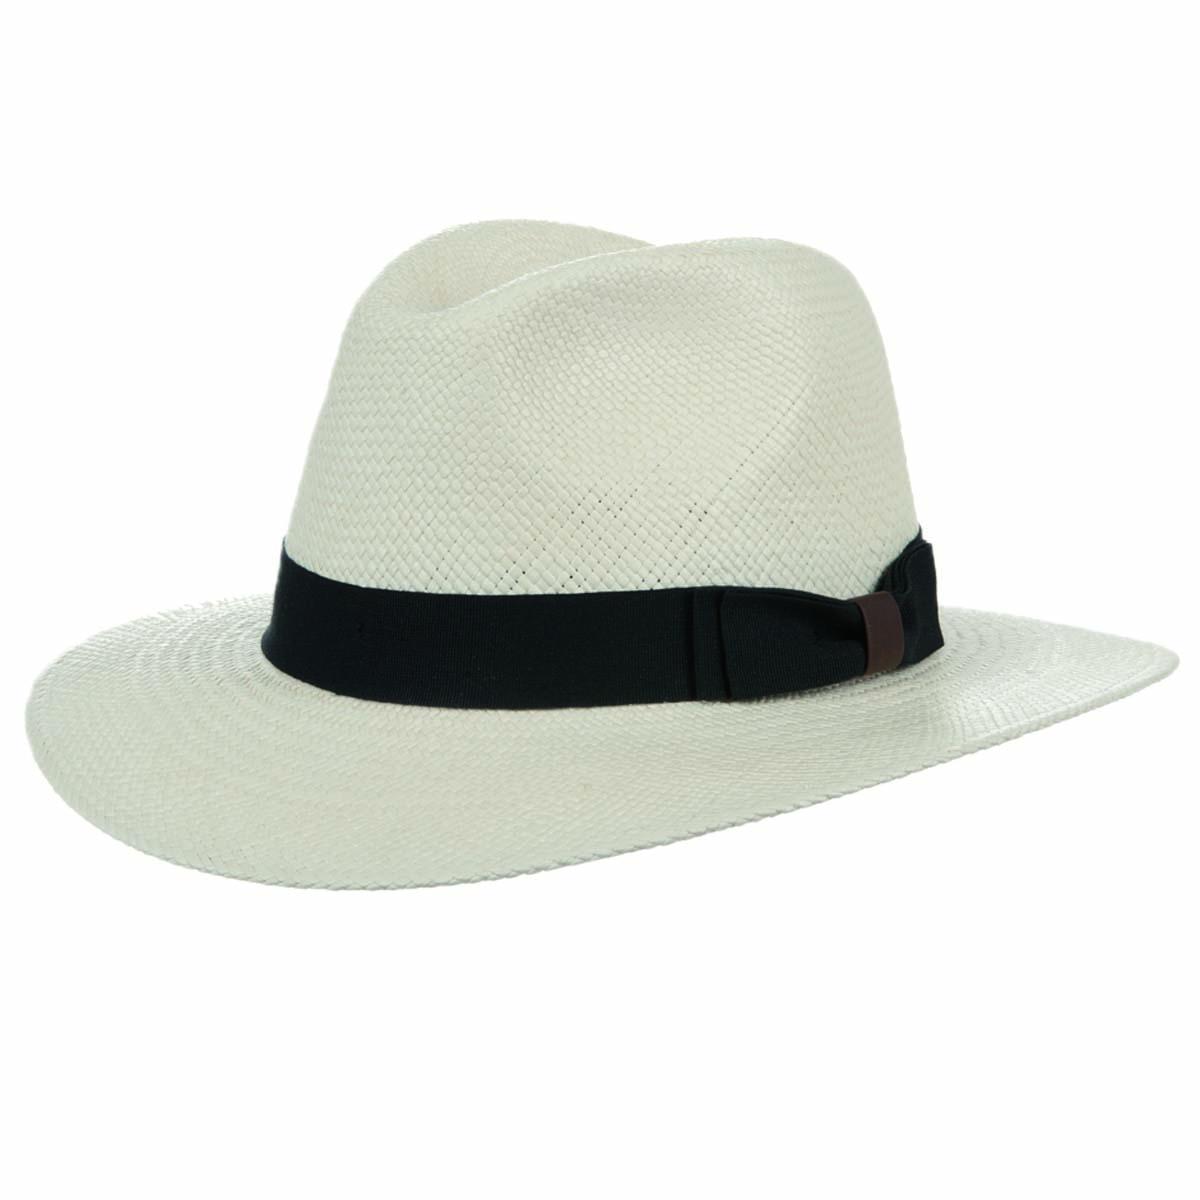 Cappello di paglia da uomo con garnitura a fascia nera 9957bbcf1550